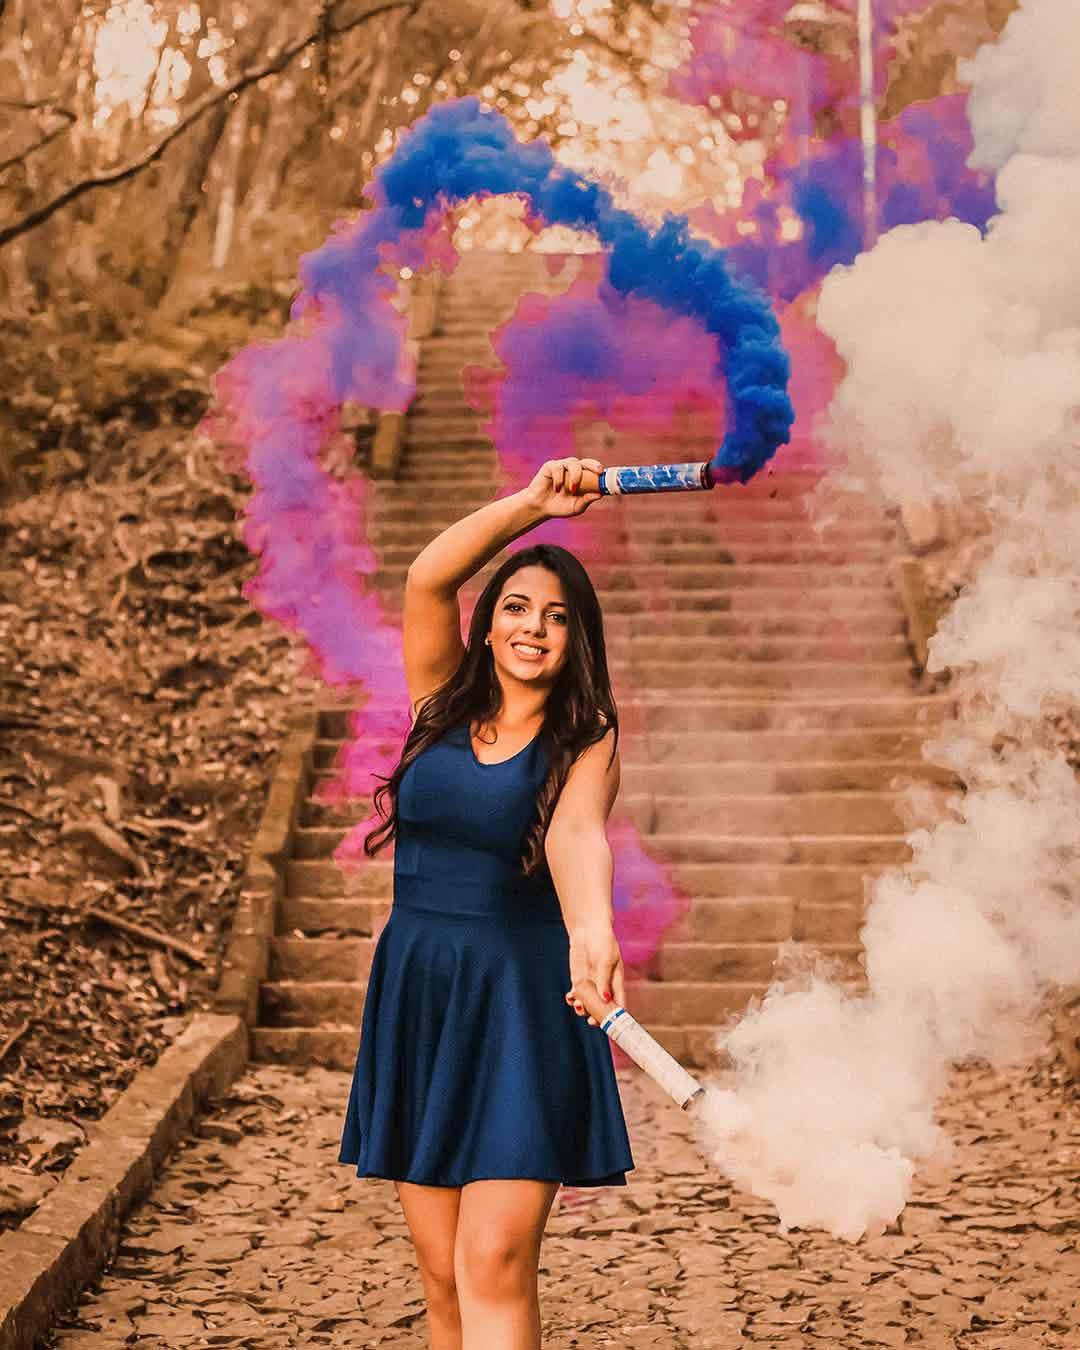 ensaio com fumaca colorida rosa e azul